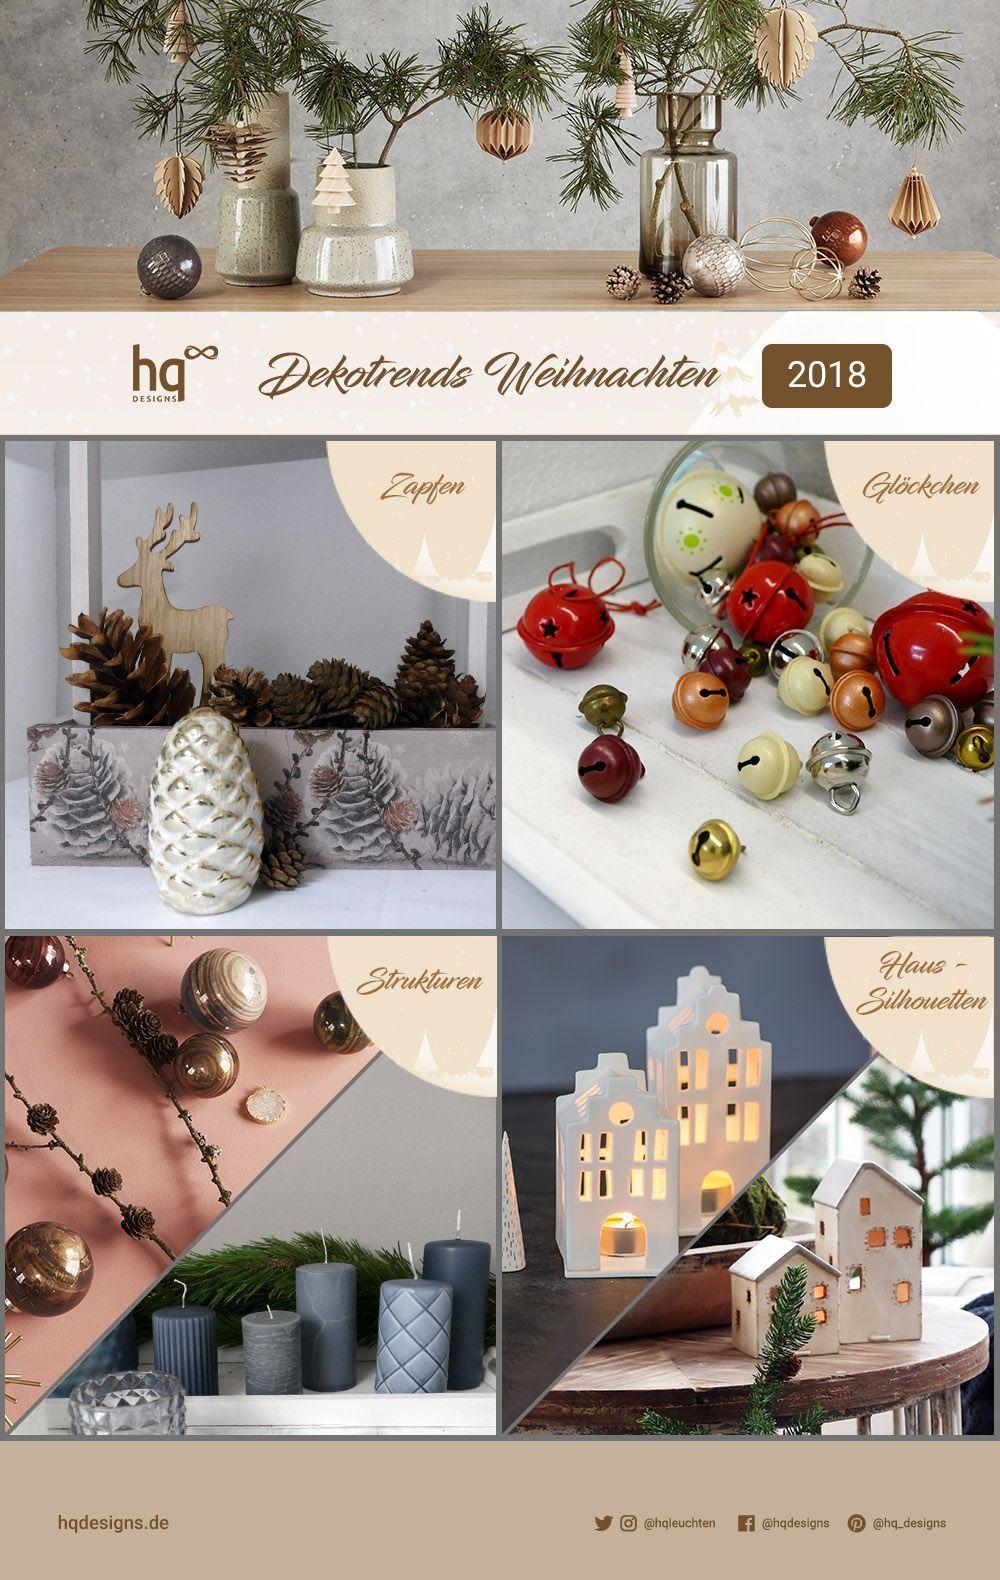 Dekotrend Weihnachten 2019.Trendfarben Für Weihnachten 2018 Mit Ausblick Auf 2019